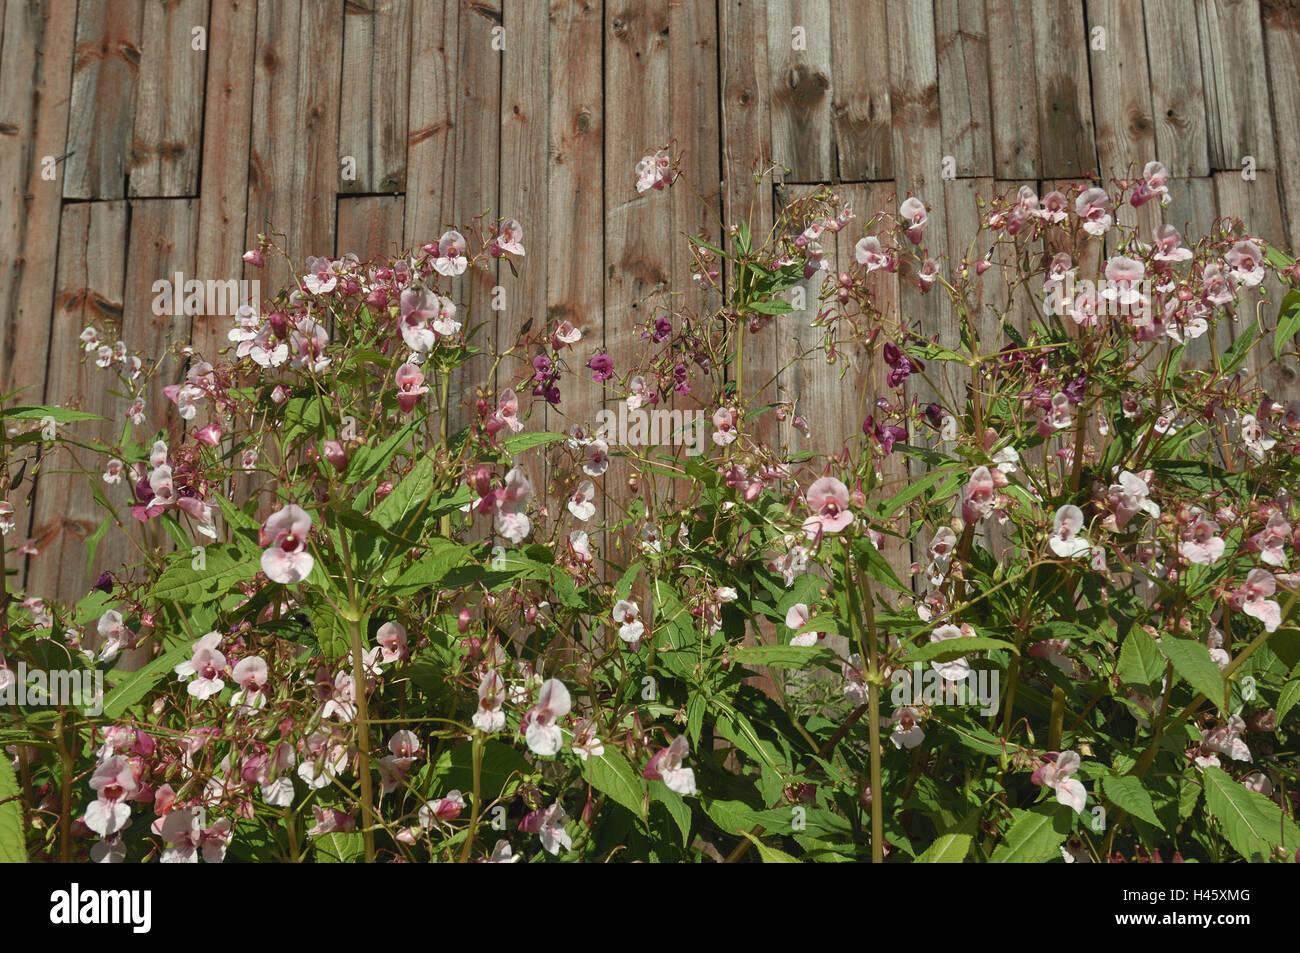 Scheune, Springkraut, mittlere Nahaufnahme, Finnland, Rantasalmi, Stockfoto